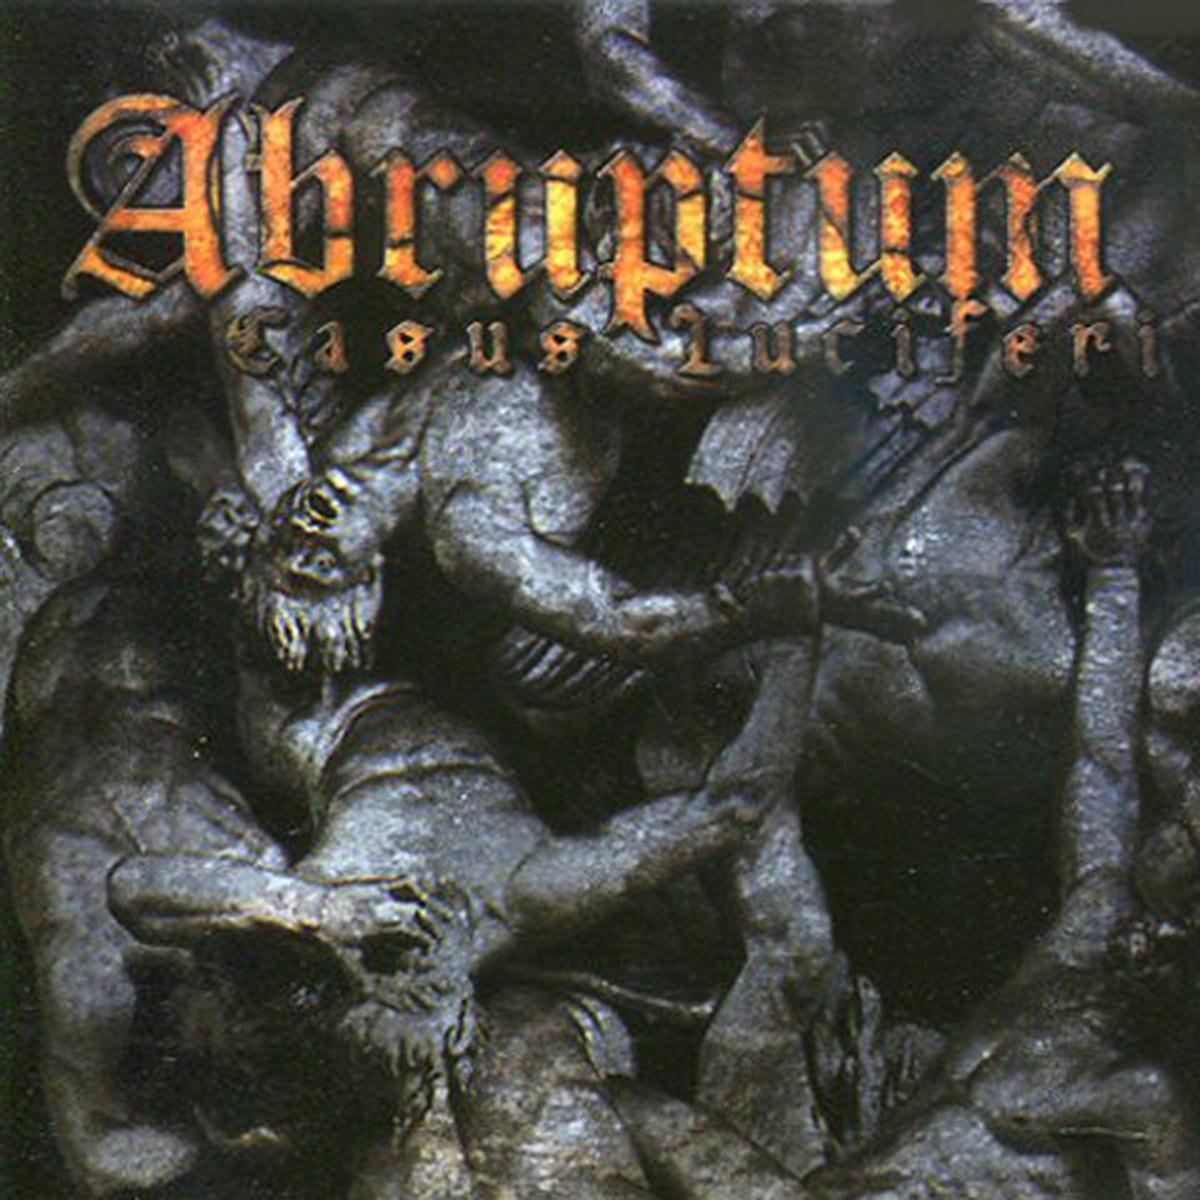 Abruptum - Casus Luciferi